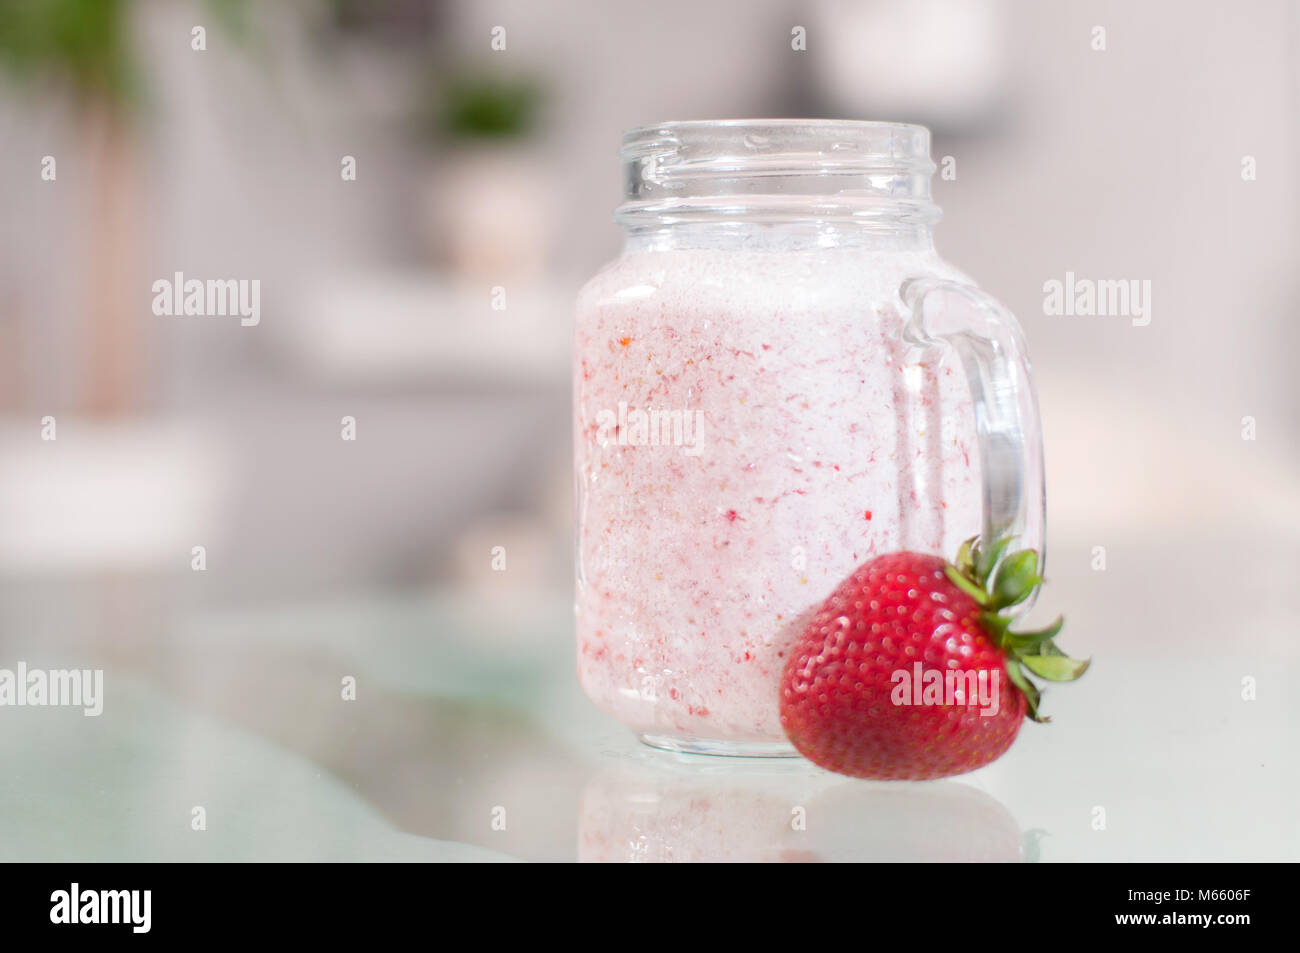 Erdbeermilch Smoothie in einem Glas, Wohlbefinden und Gewicht loos Konzept. Stockbild